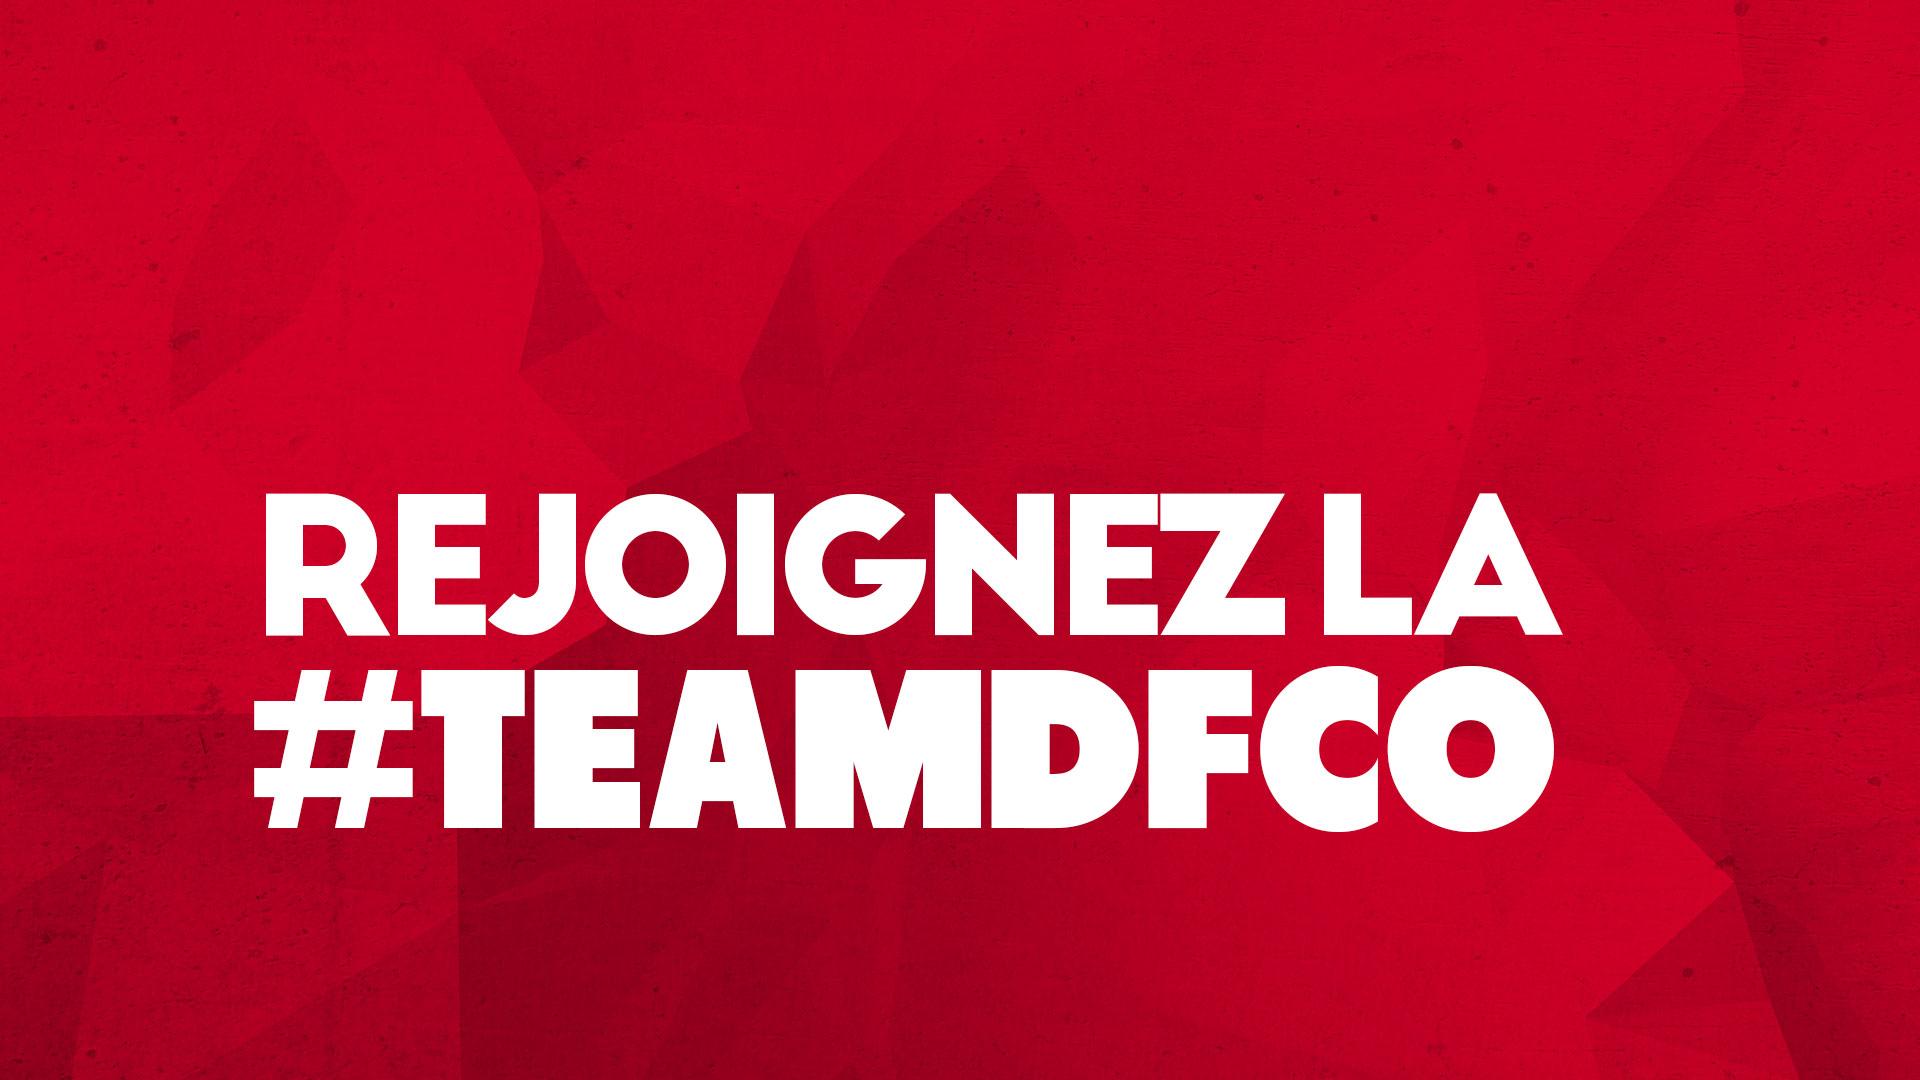 Rejoignez la #TEAMDFCO